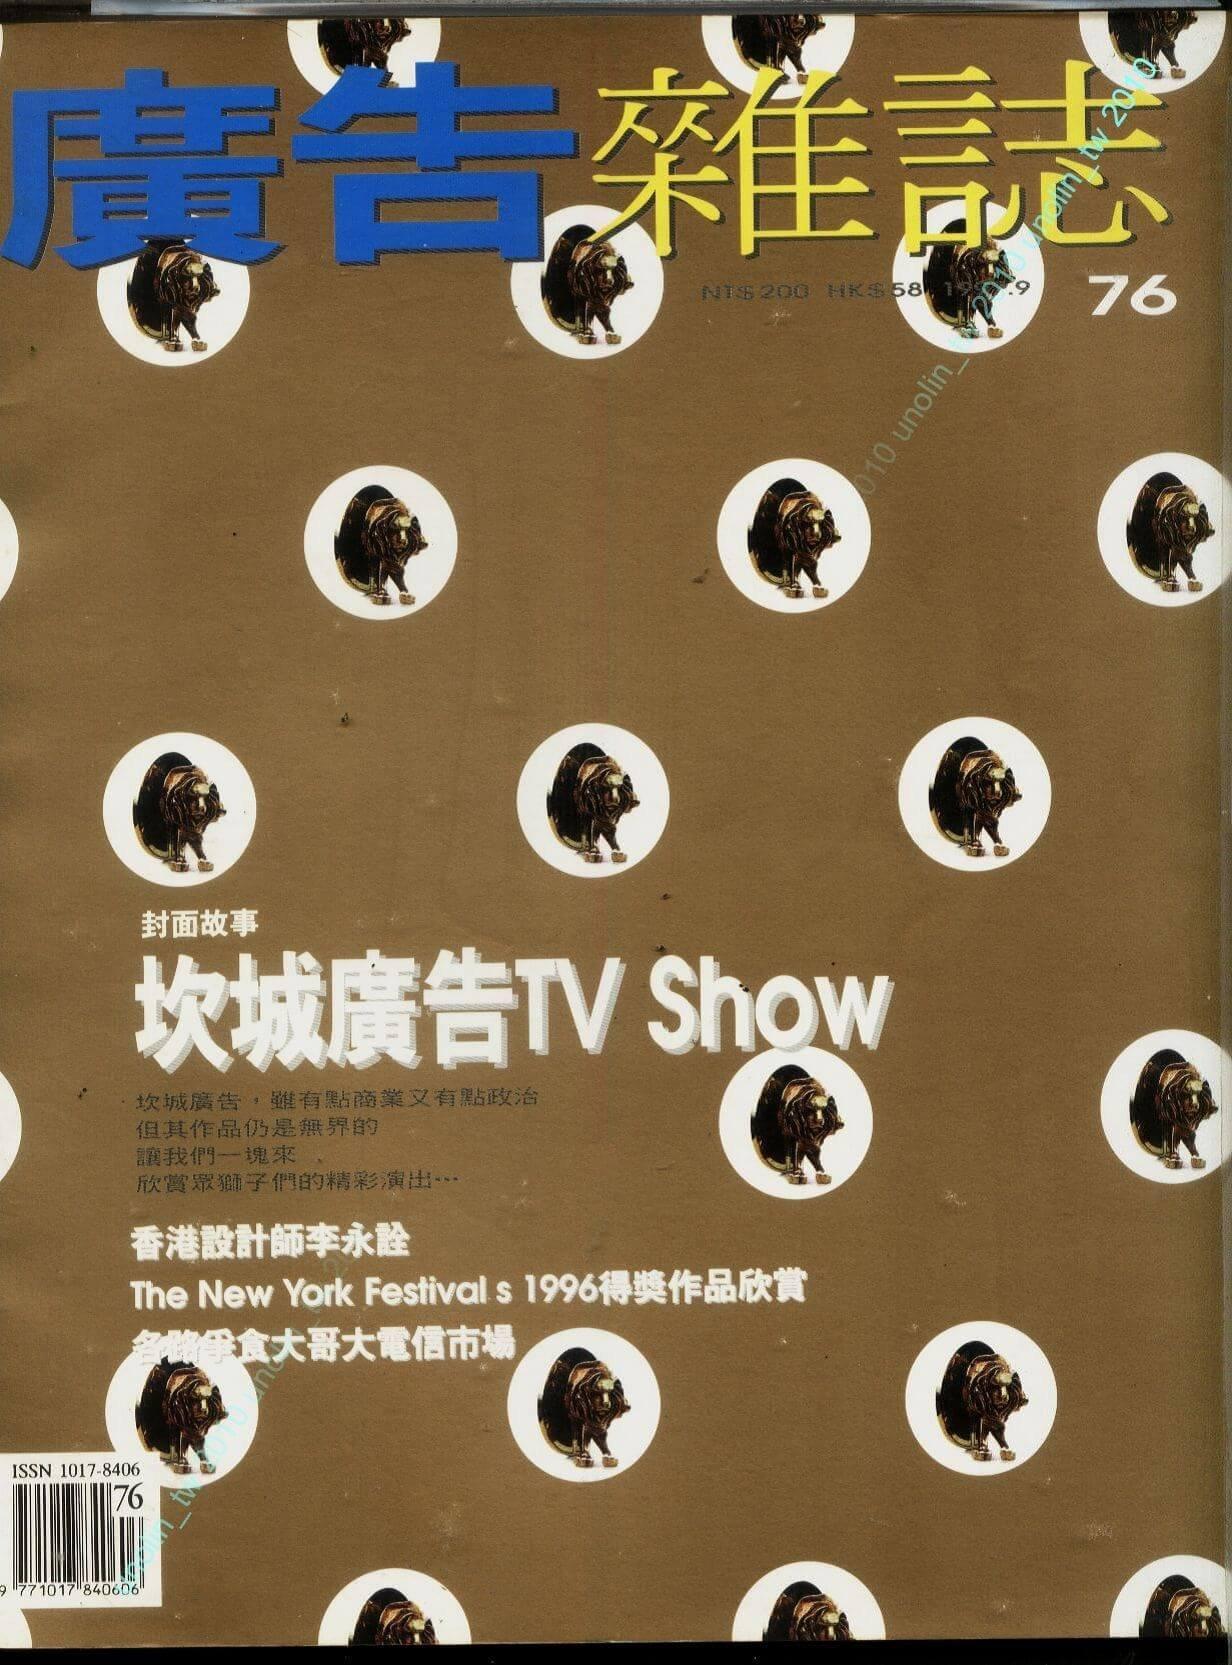 滿5免運【廣告雜誌】坎城TV SHOW+香港設計師李永詮+紐約FESTIVAL得獎作品公關企畫宣傳必看1997發行免競標